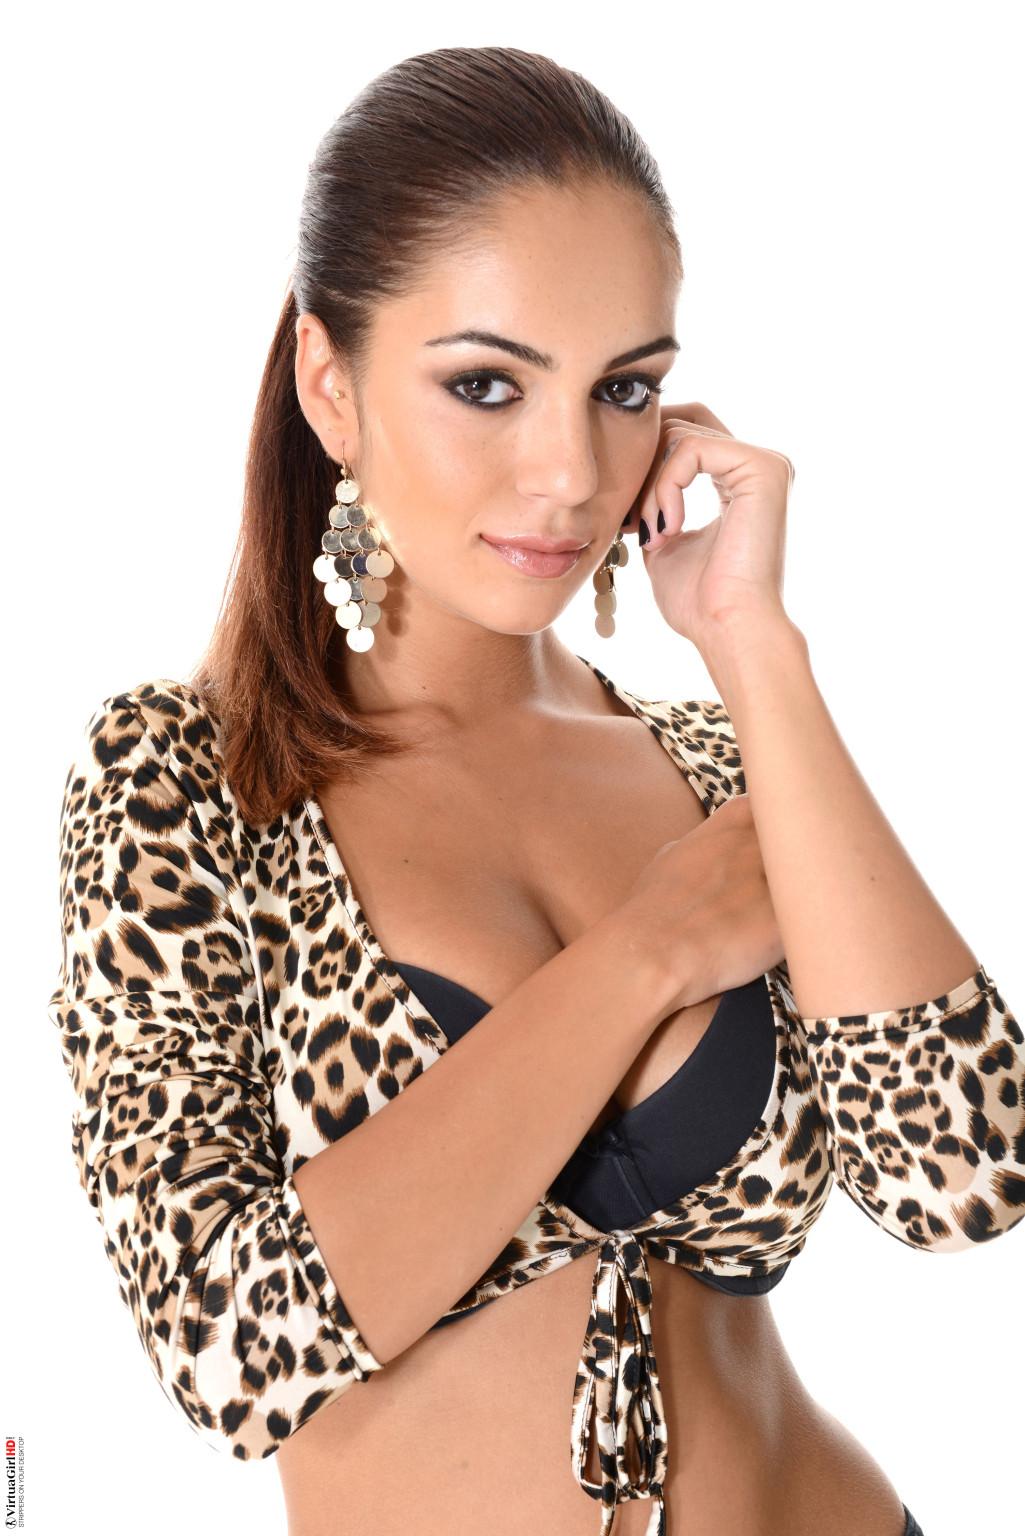 Katie Angel порно модель